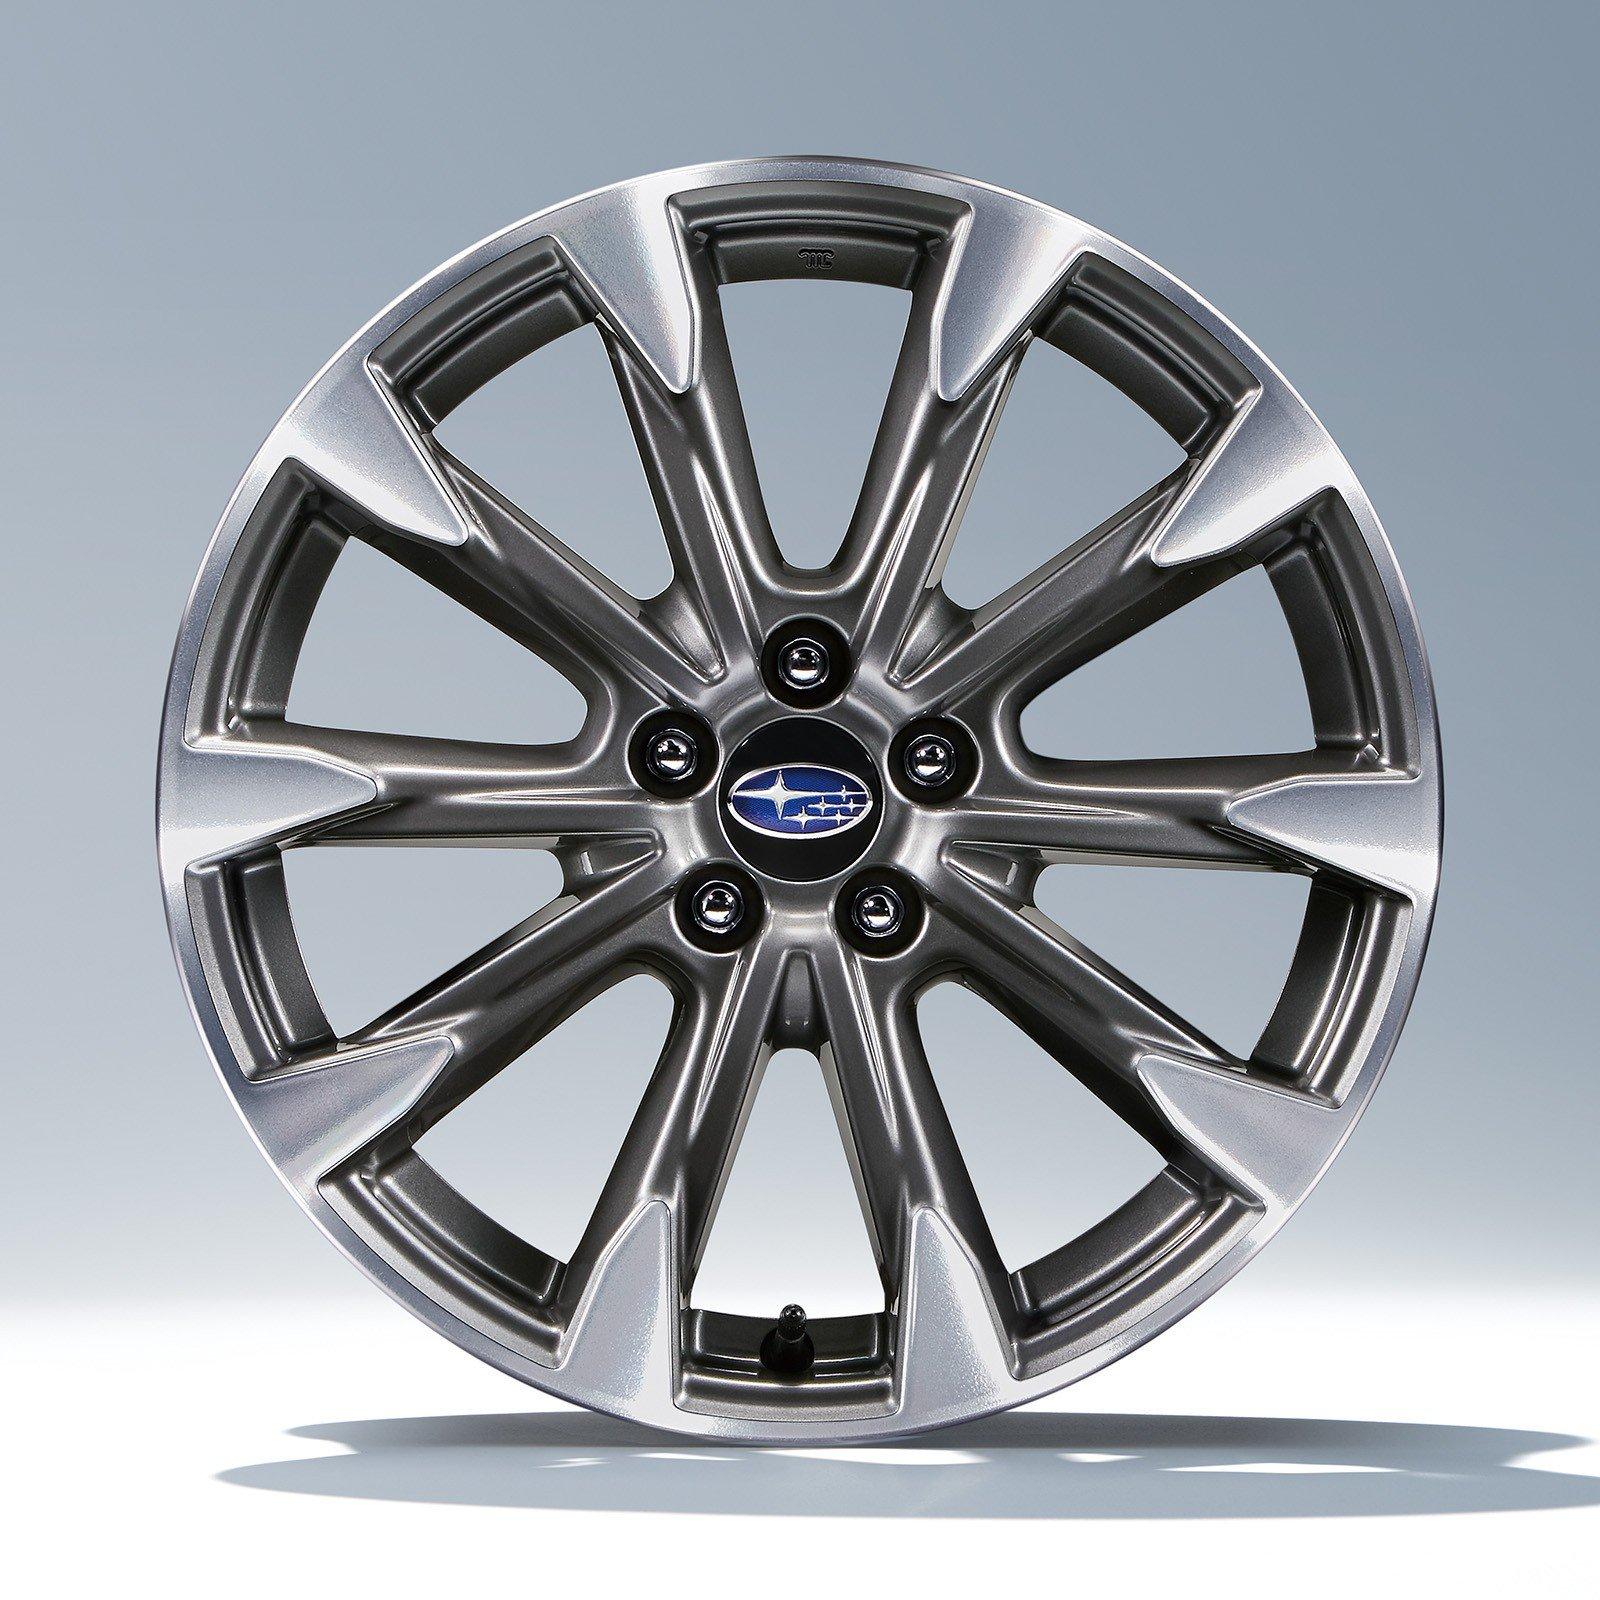 Subaru-Impreza-facelift-5